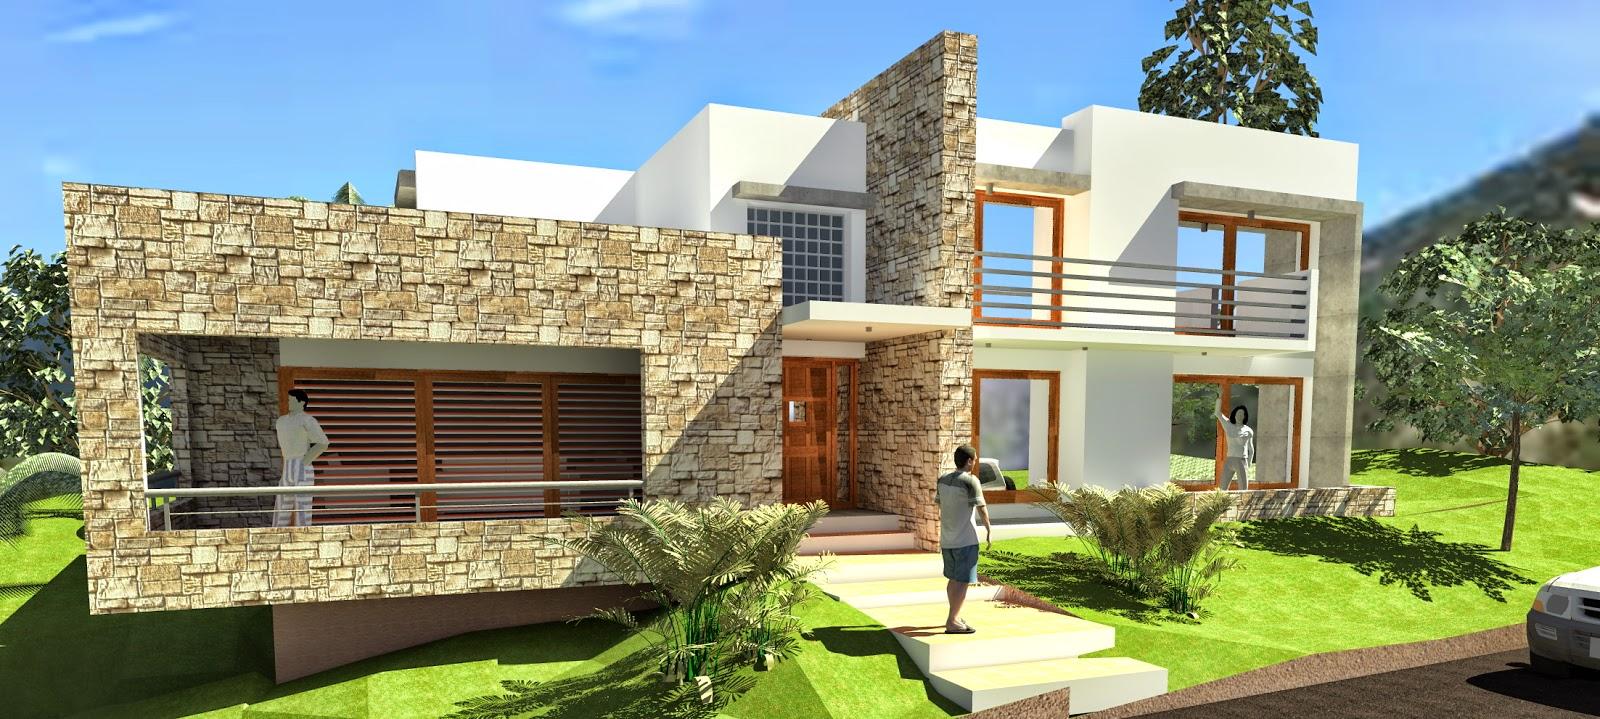 Arquitecto roque e paulino casa en barrio jardin - El jardin en casa ...